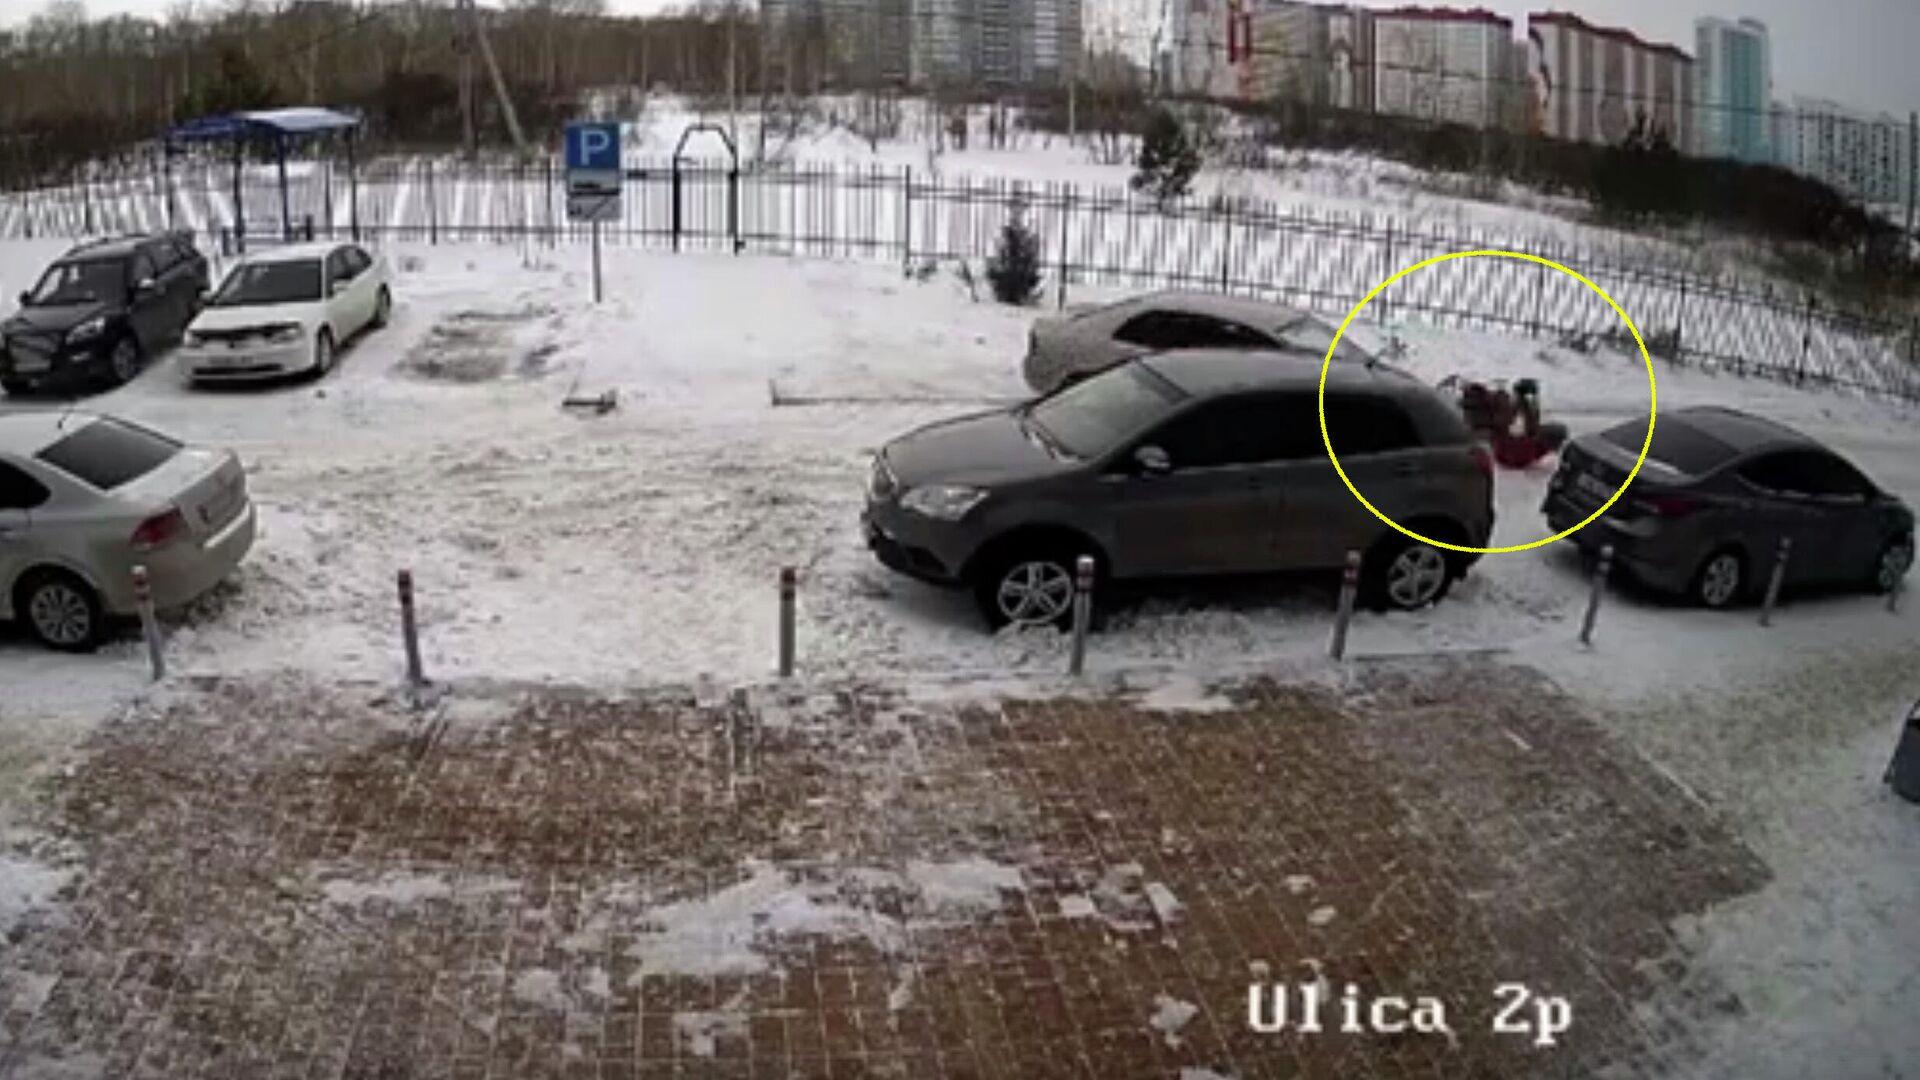 Момент наезда на женщину с коляской в Новосибирске. Кадр с камеры видеонаблюдения - РИА Новости, 1920, 16.02.2021